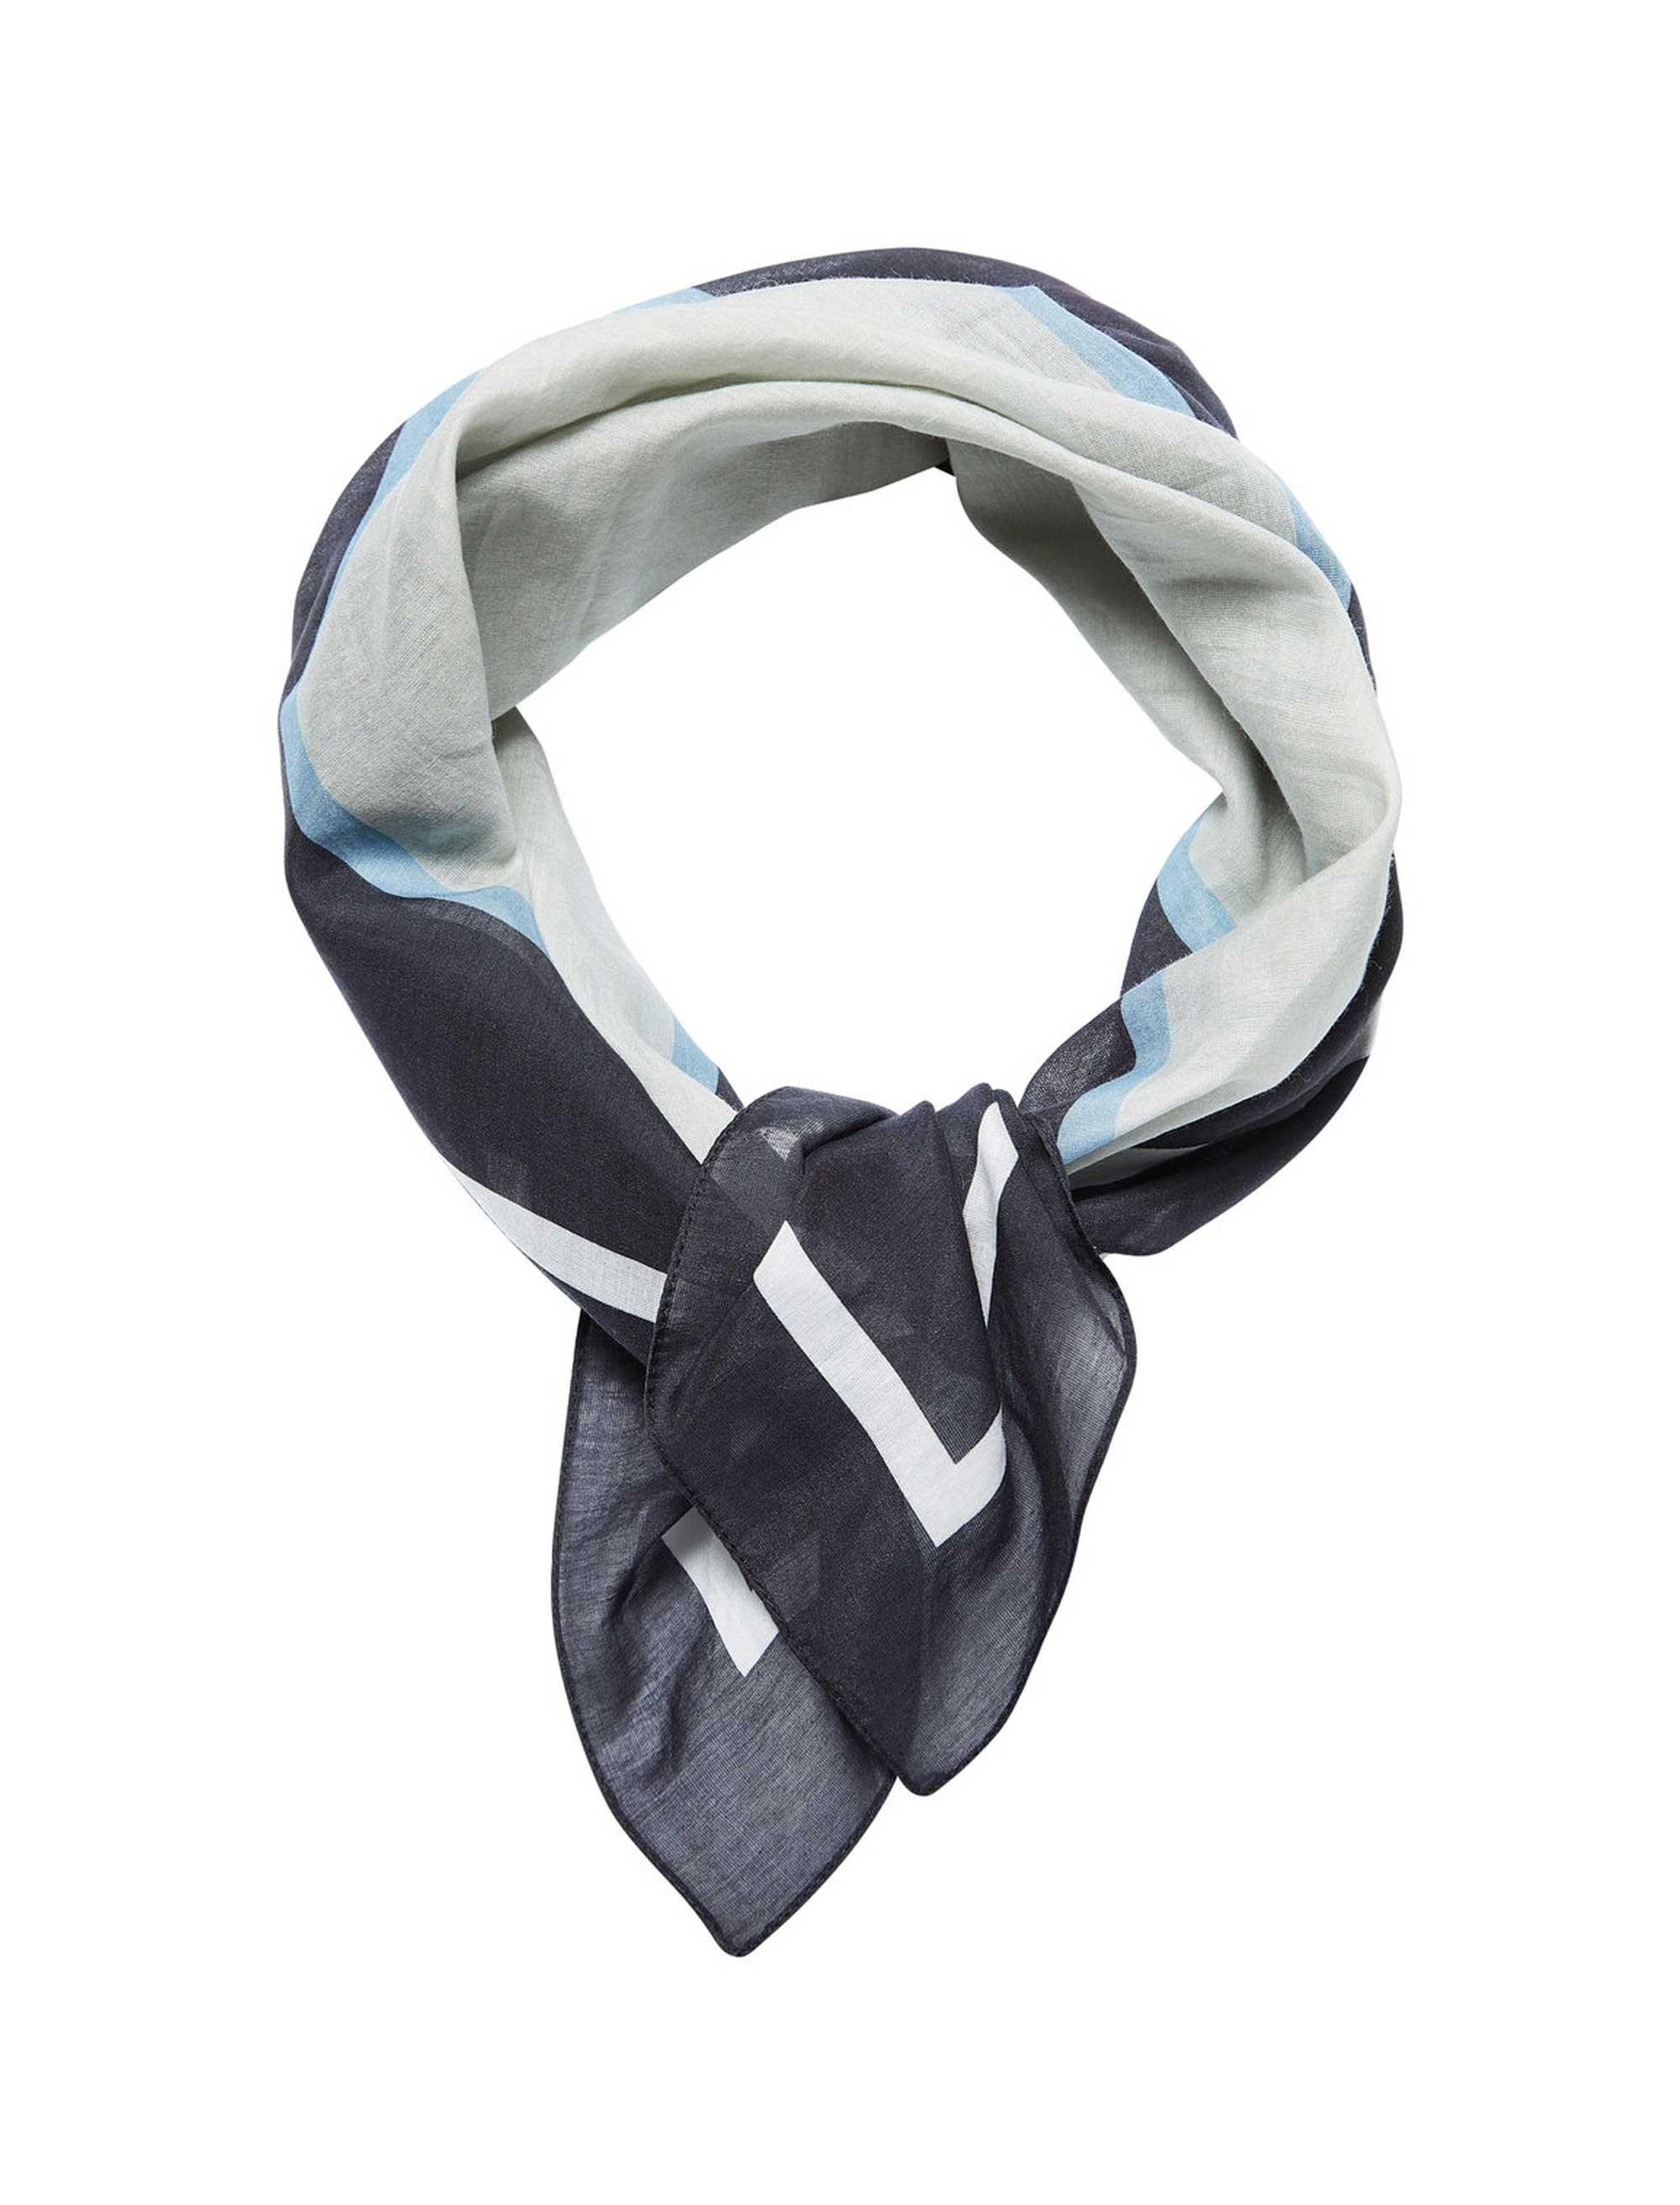 روسری نخی طرح دار زنانه - سلکتد تک سایز